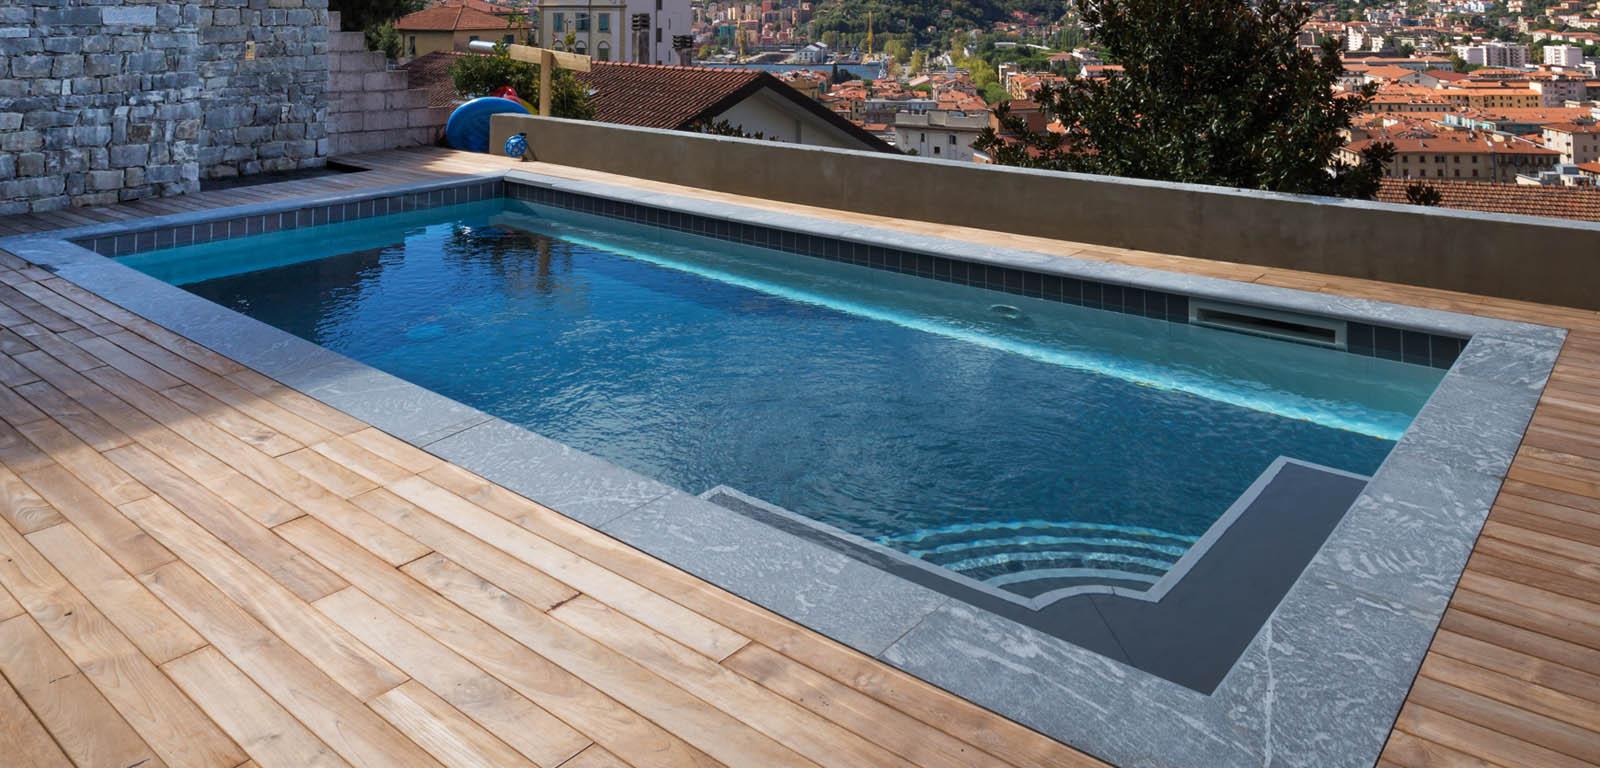 Acqua Azzurra Piscine costruzione piscine interrate rovigo